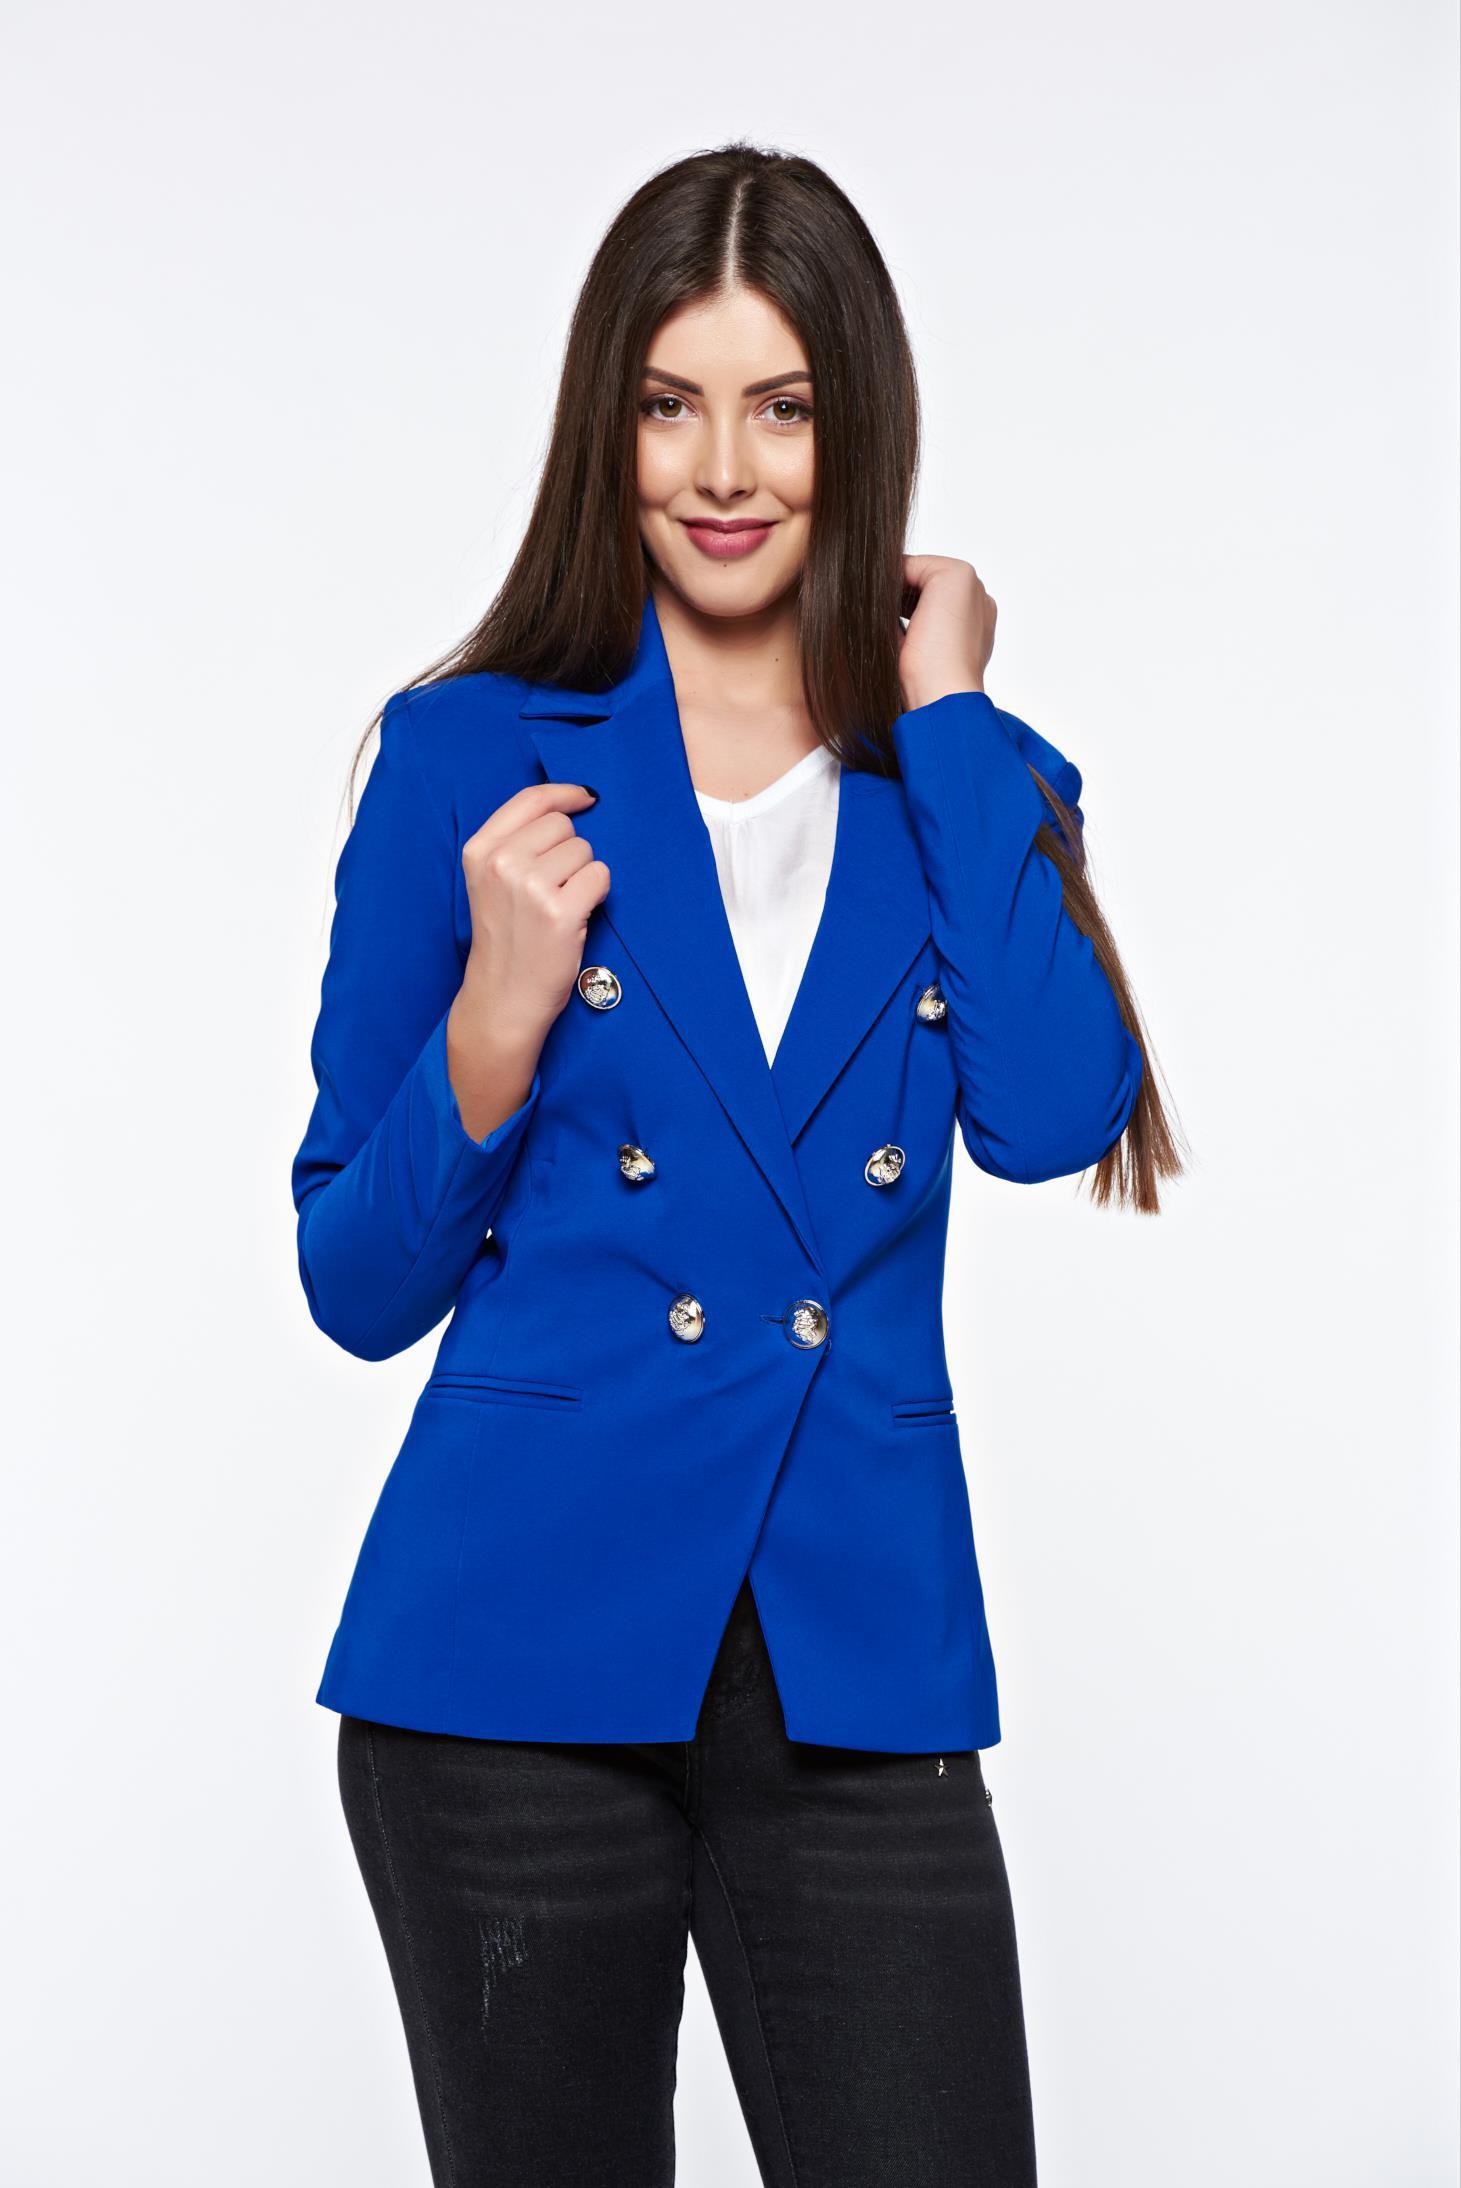 fb6da269d9 Kék LaDonna irodai szűkített blézer belső béléssel enyhén rugalmas szövet